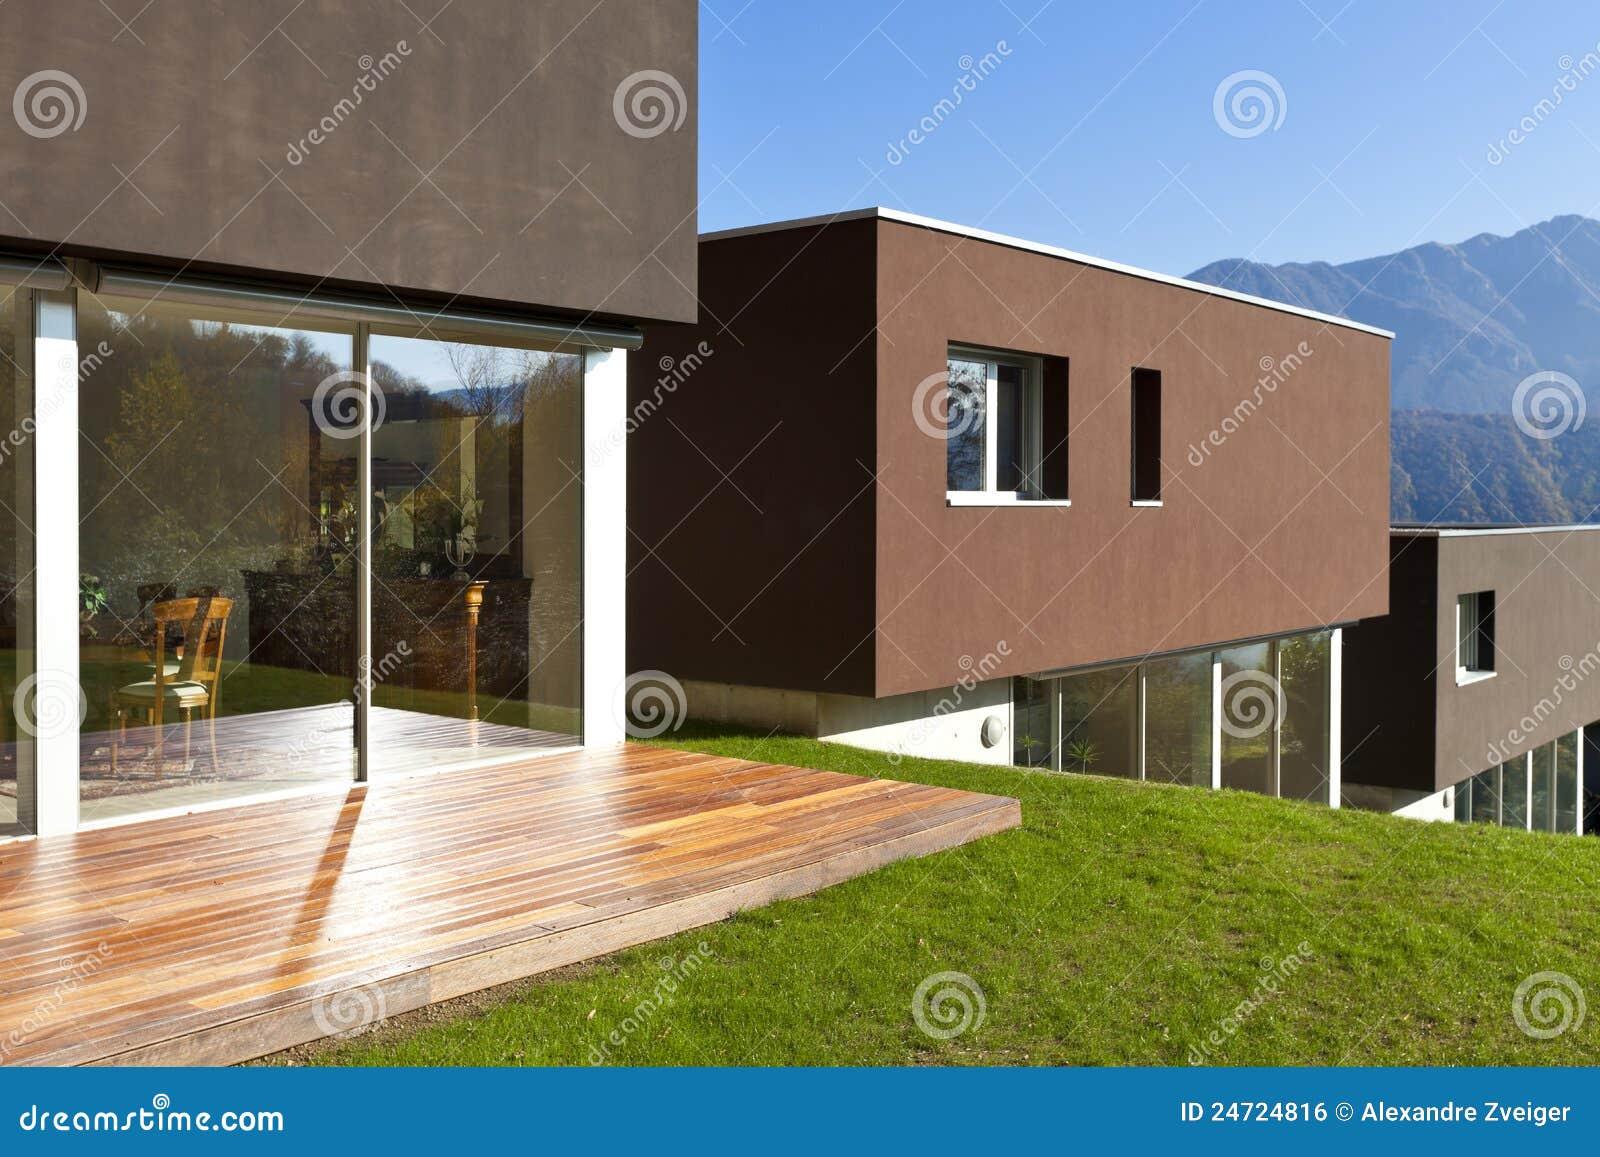 Esterni casa moderna : Case moderne immagine stock libera da diritti